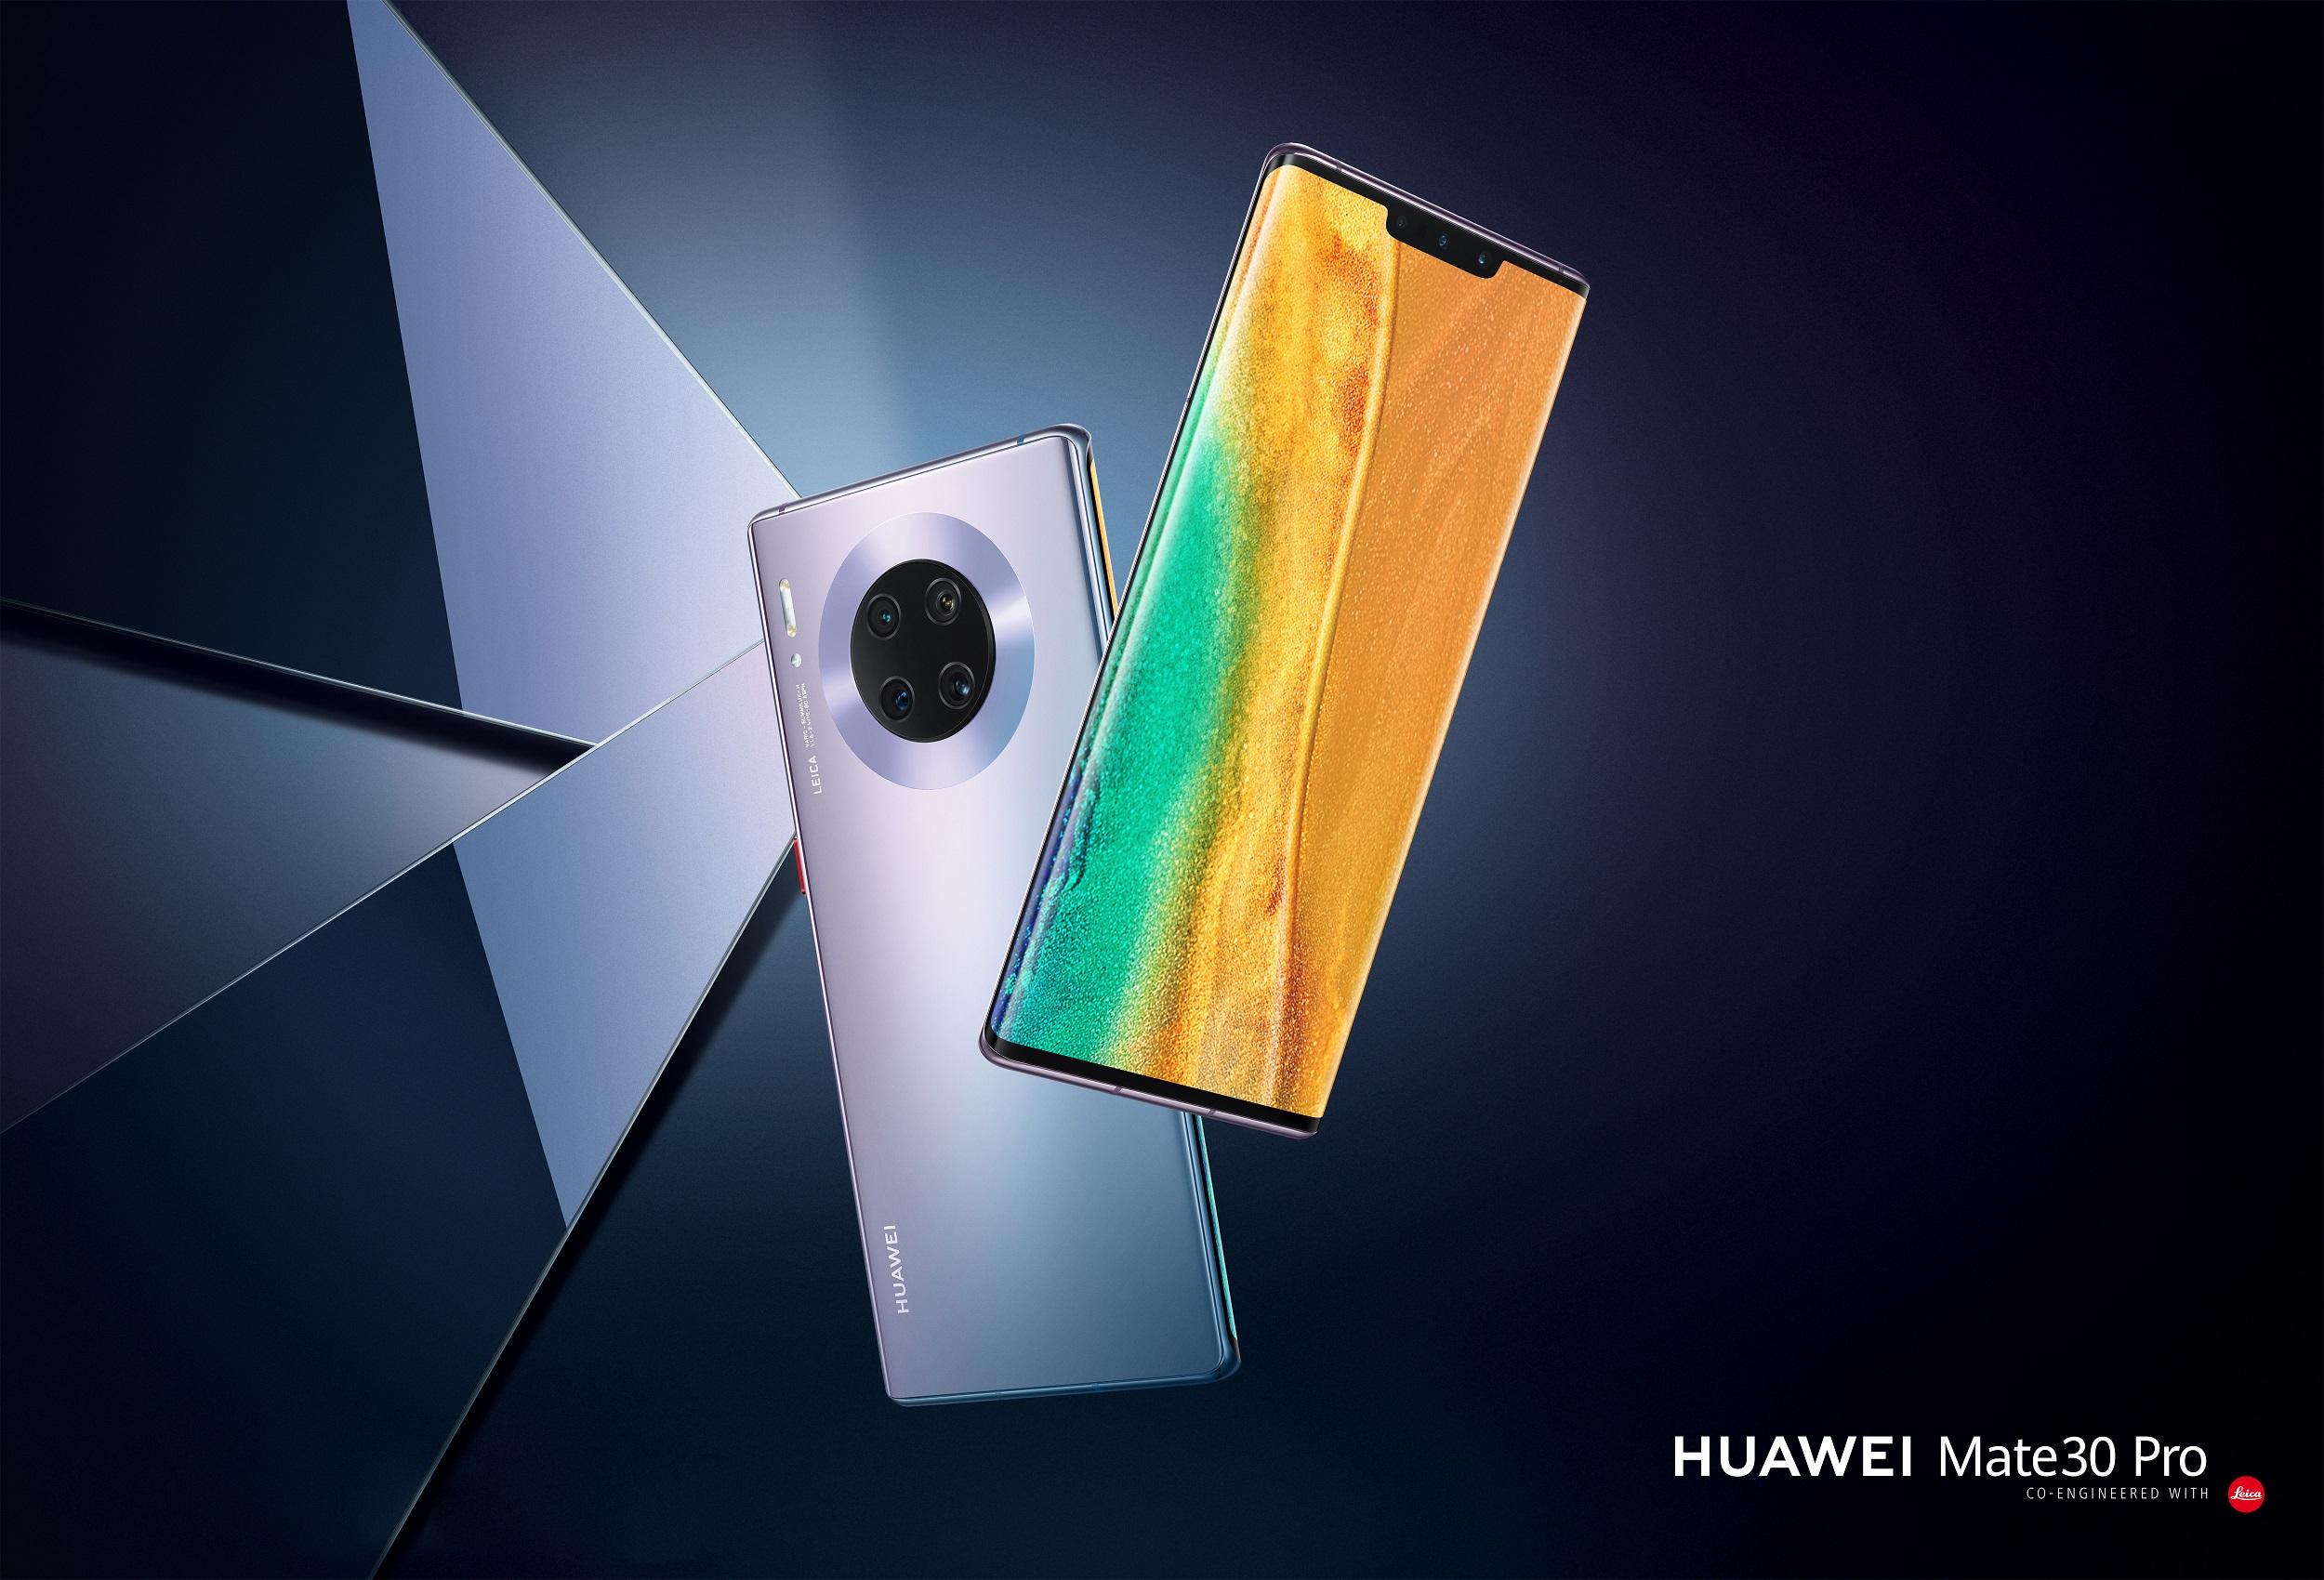 تصميم أيقوني وميزات تصوير مقاطع فيديو لم يسبق لها مثيل أربعة أسباب تجعل هاتف Huawei Mate 30 Pro ملك الهواتف الذكية